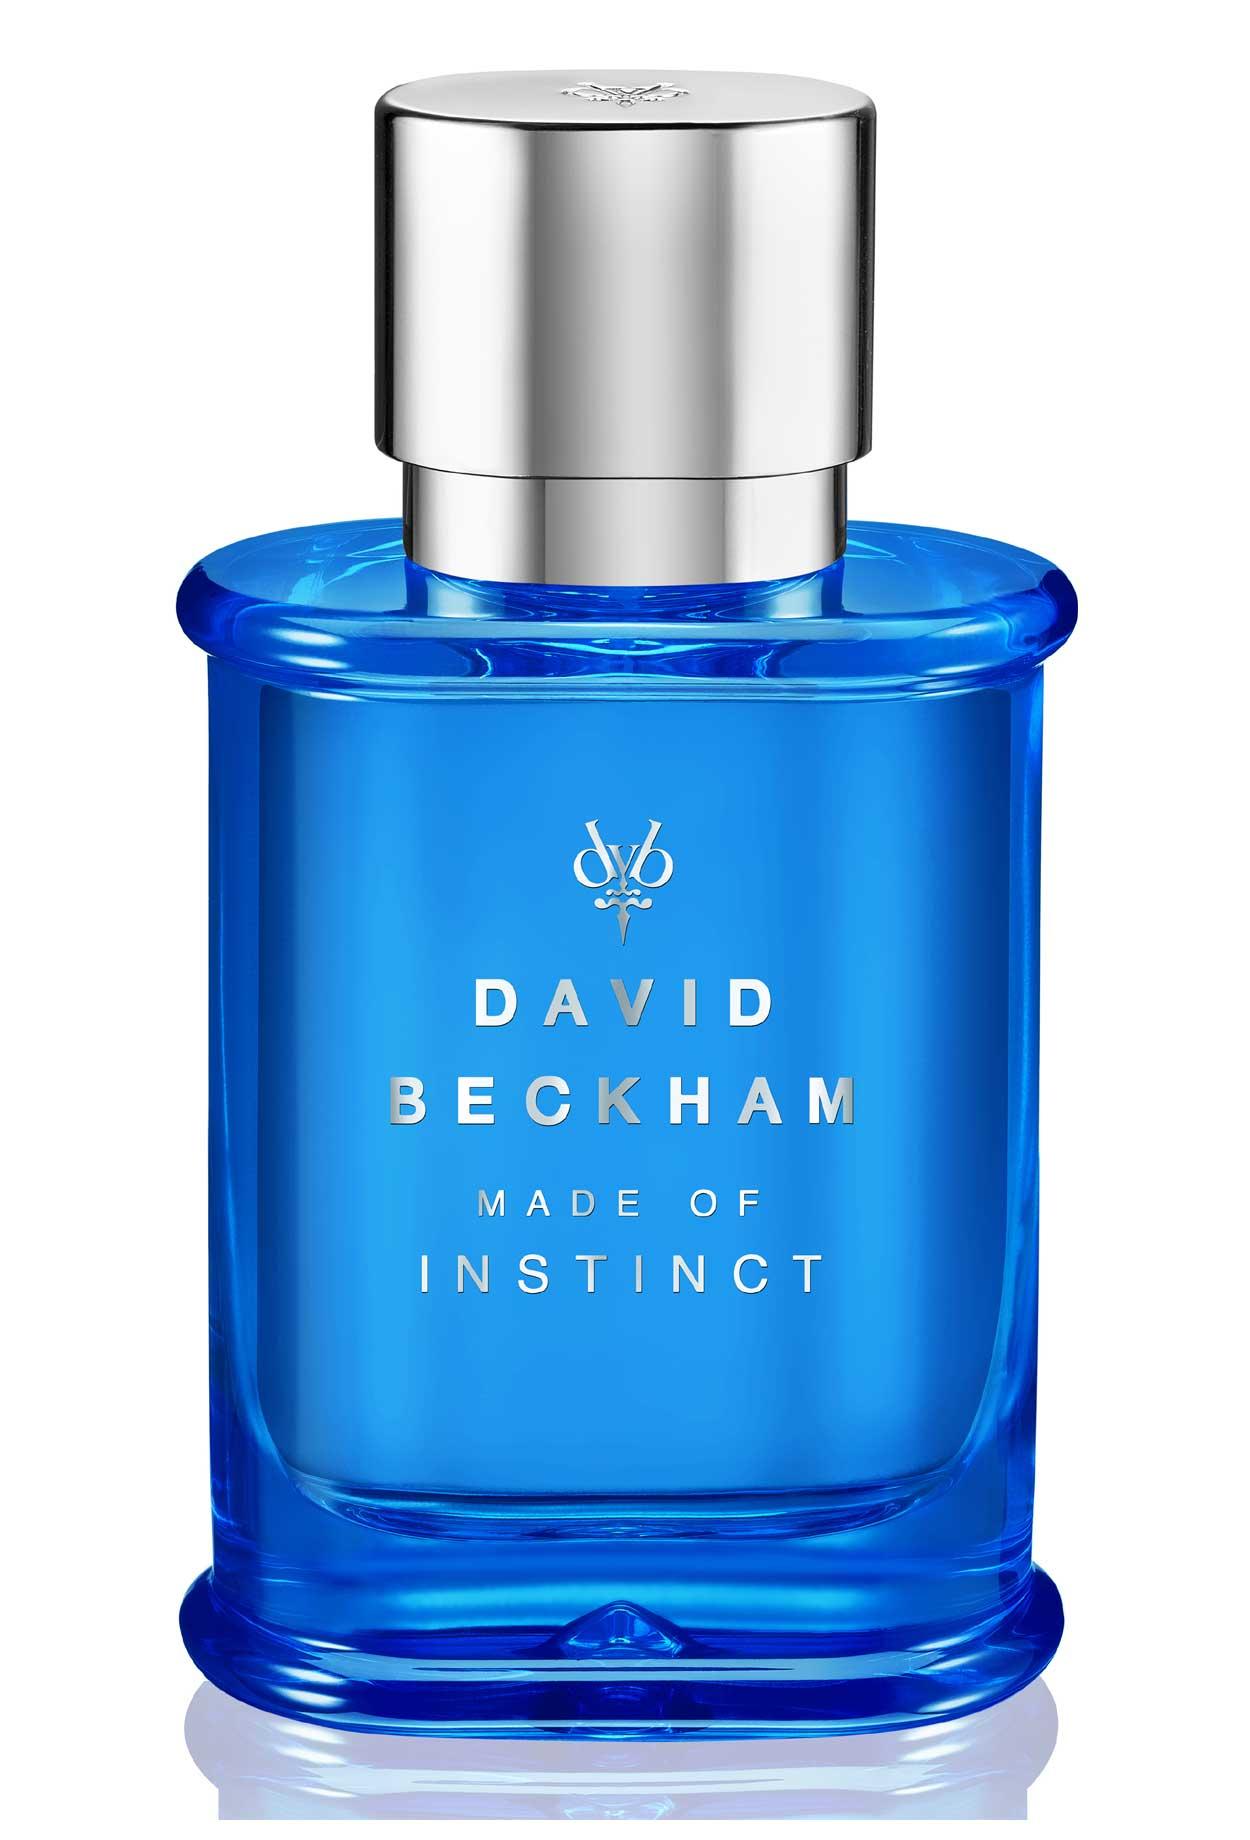 Made of instinct david victoria beckham cologne a new for David beckham perfume